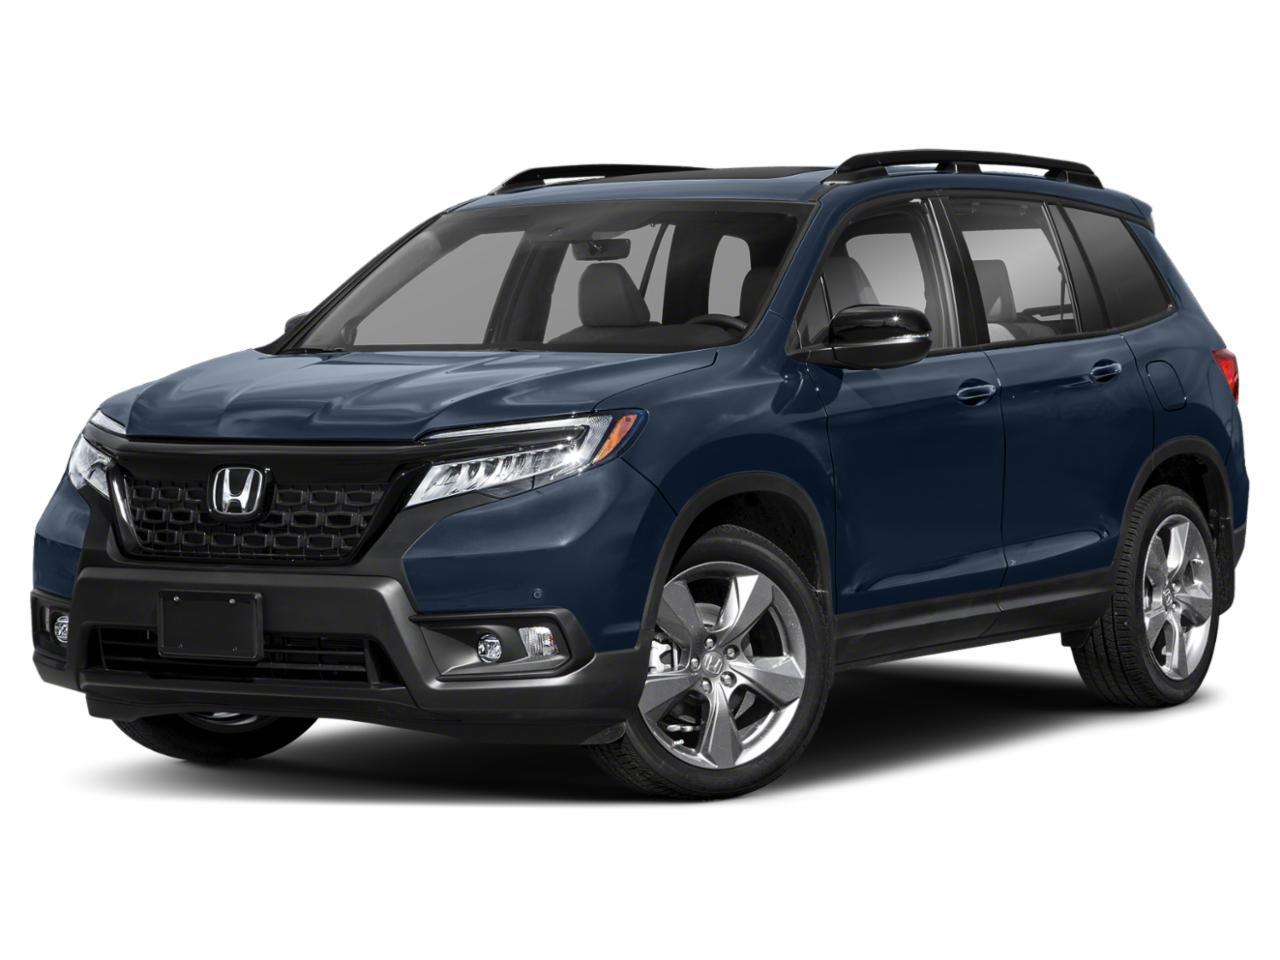 2020 Honda Passport Vehicle Photo in Oshkosh, WI 54904